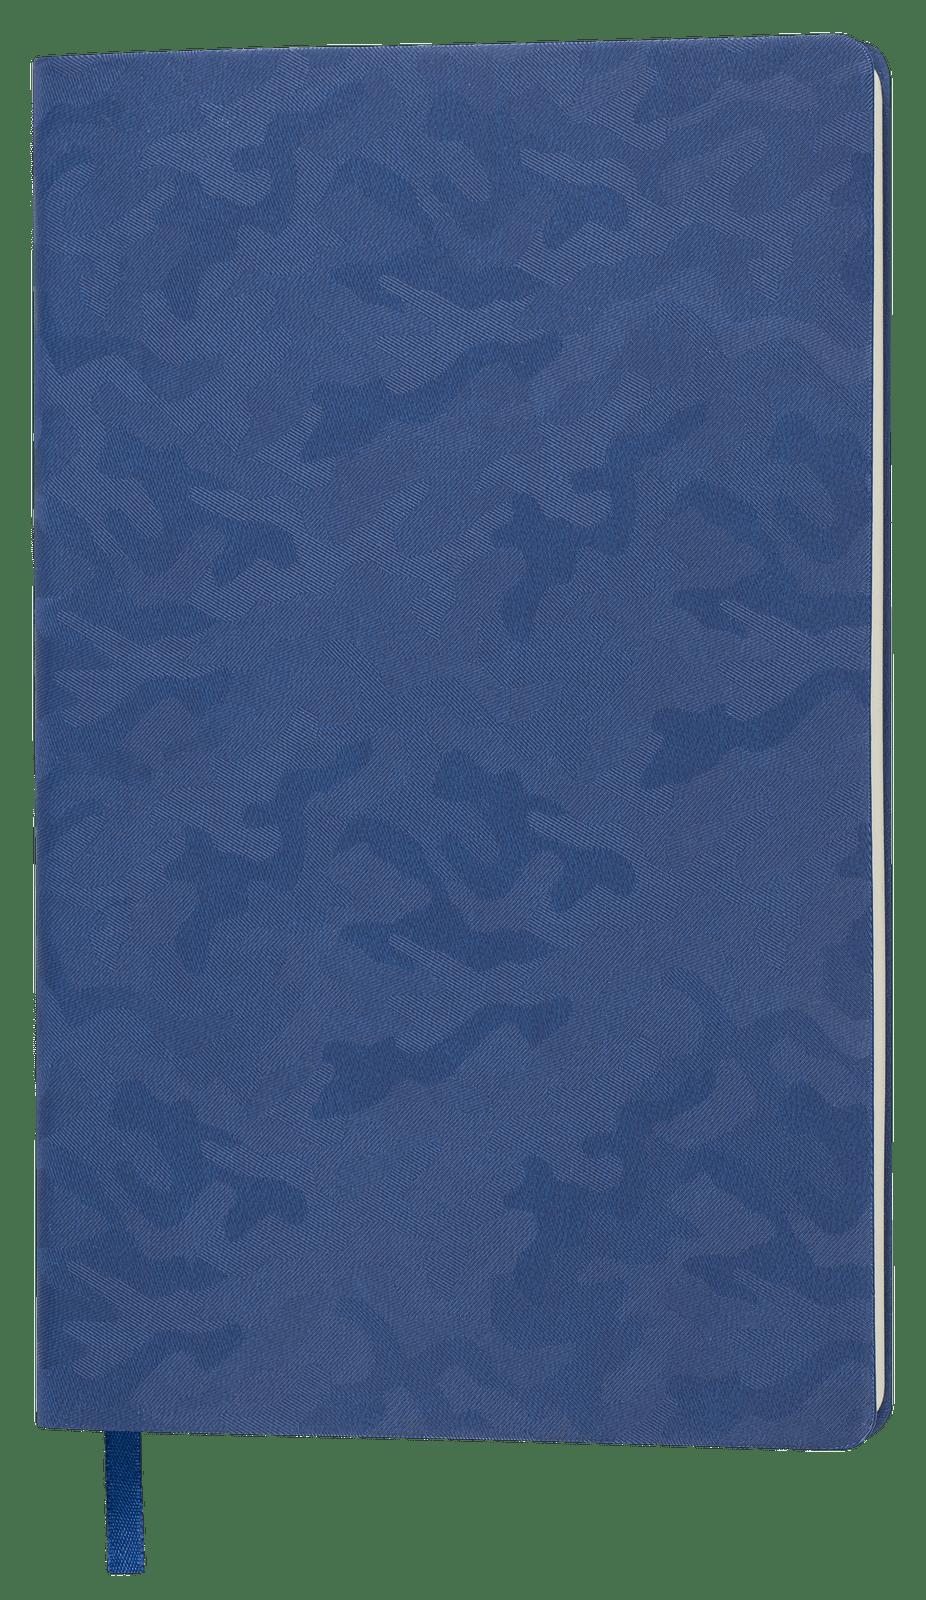 TM21225_26 - Tabby Funky azul marino